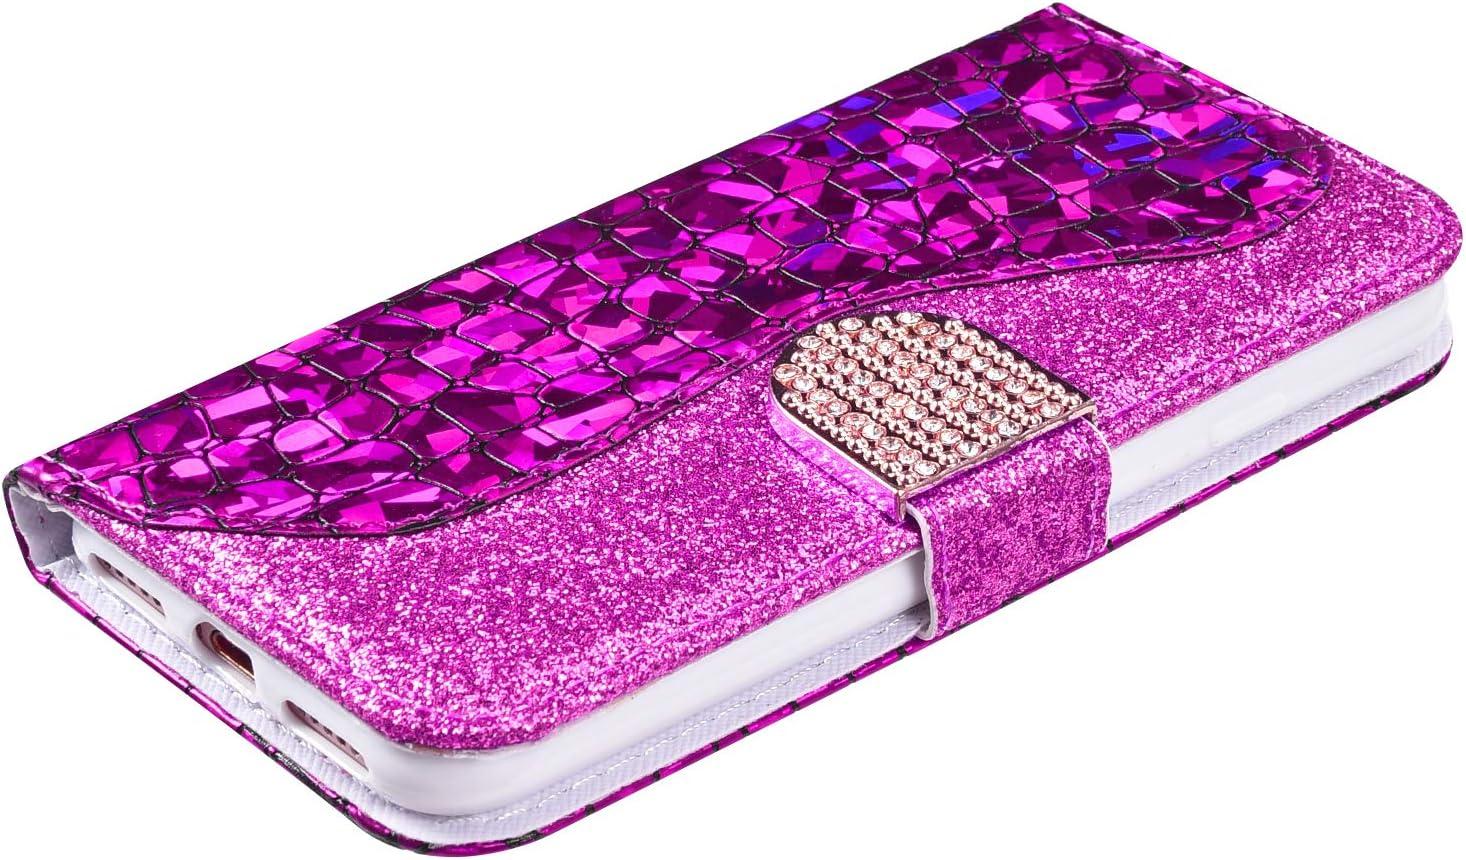 MoreChioce Coque iPhone 8,compatible avec Coque iPhone 7 Cuir Clapet,Pourpre Bling Diamond Housse /à Rabat Antichoc Portefeuille /Étui de Protection Magn/étique Aimant/ée Supporter